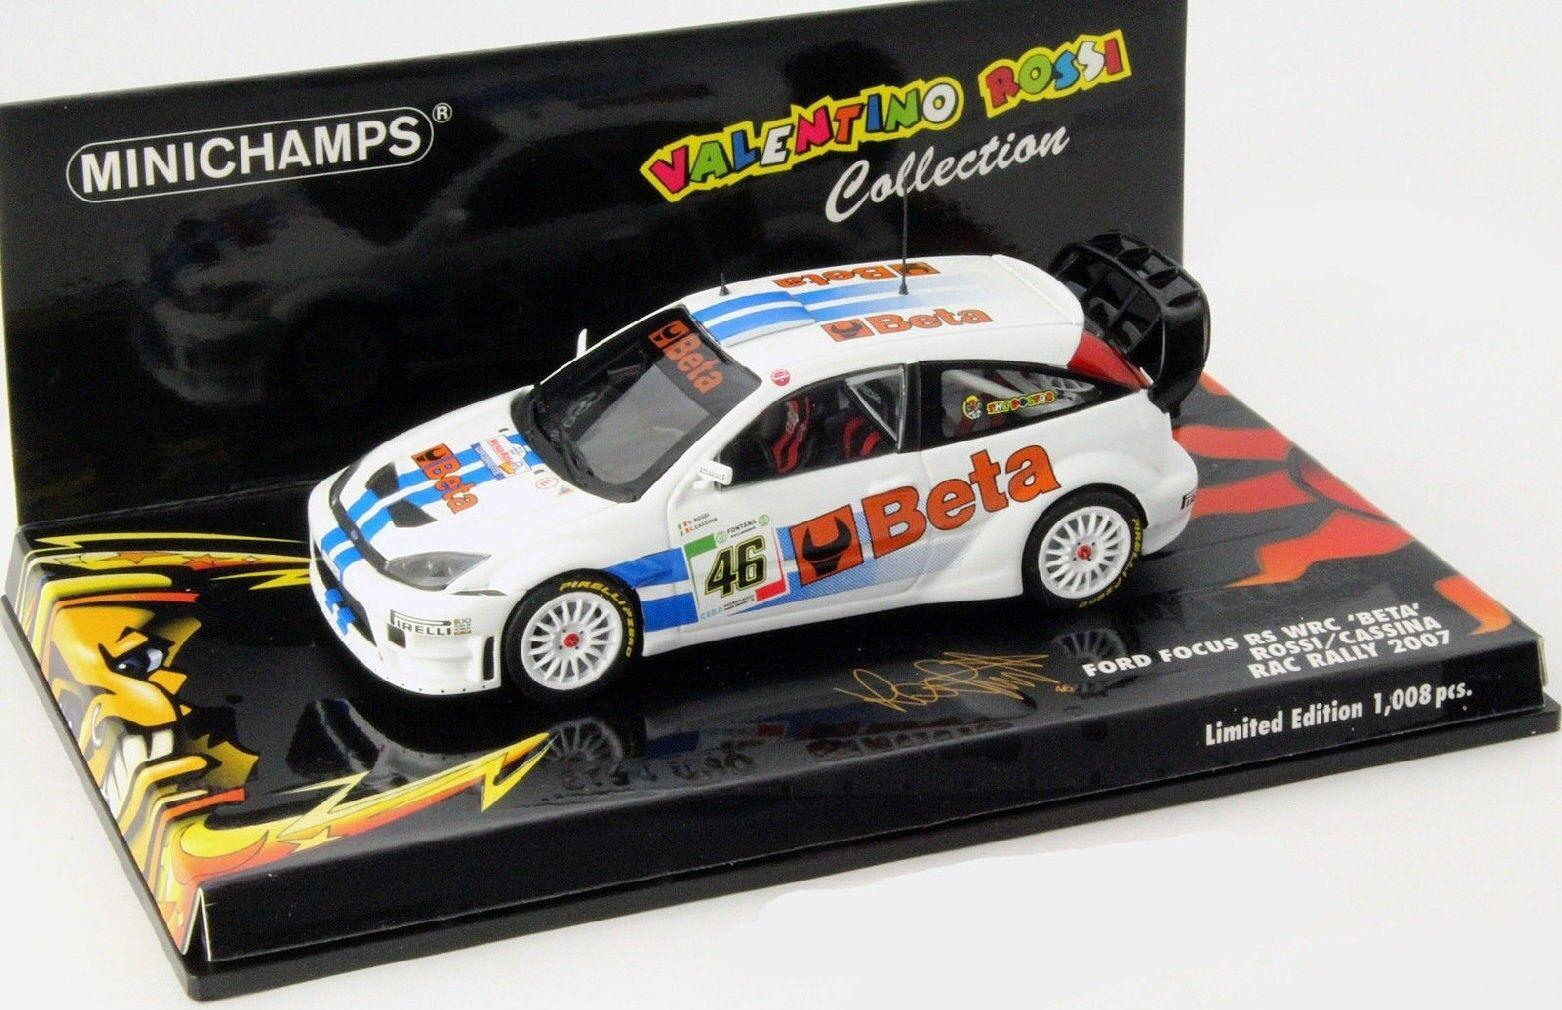 MNC400078446 - Voiture de rallye FORD Focus RS WRC Beta Rac Rally de 2007 équipa